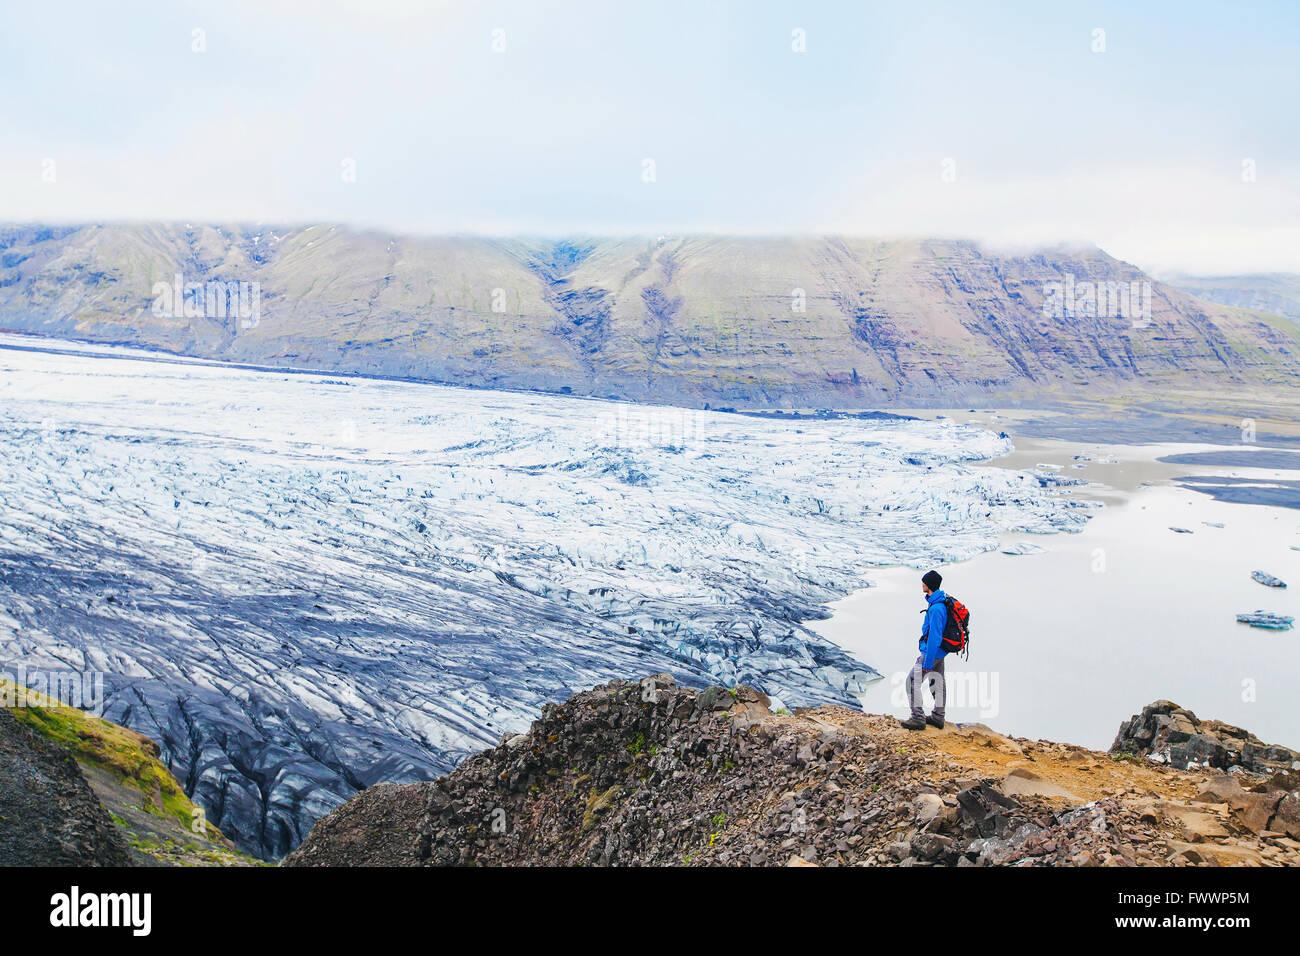 Traveler godendo di una vista panoramica del ghiacciaio in Islanda Immagini Stock